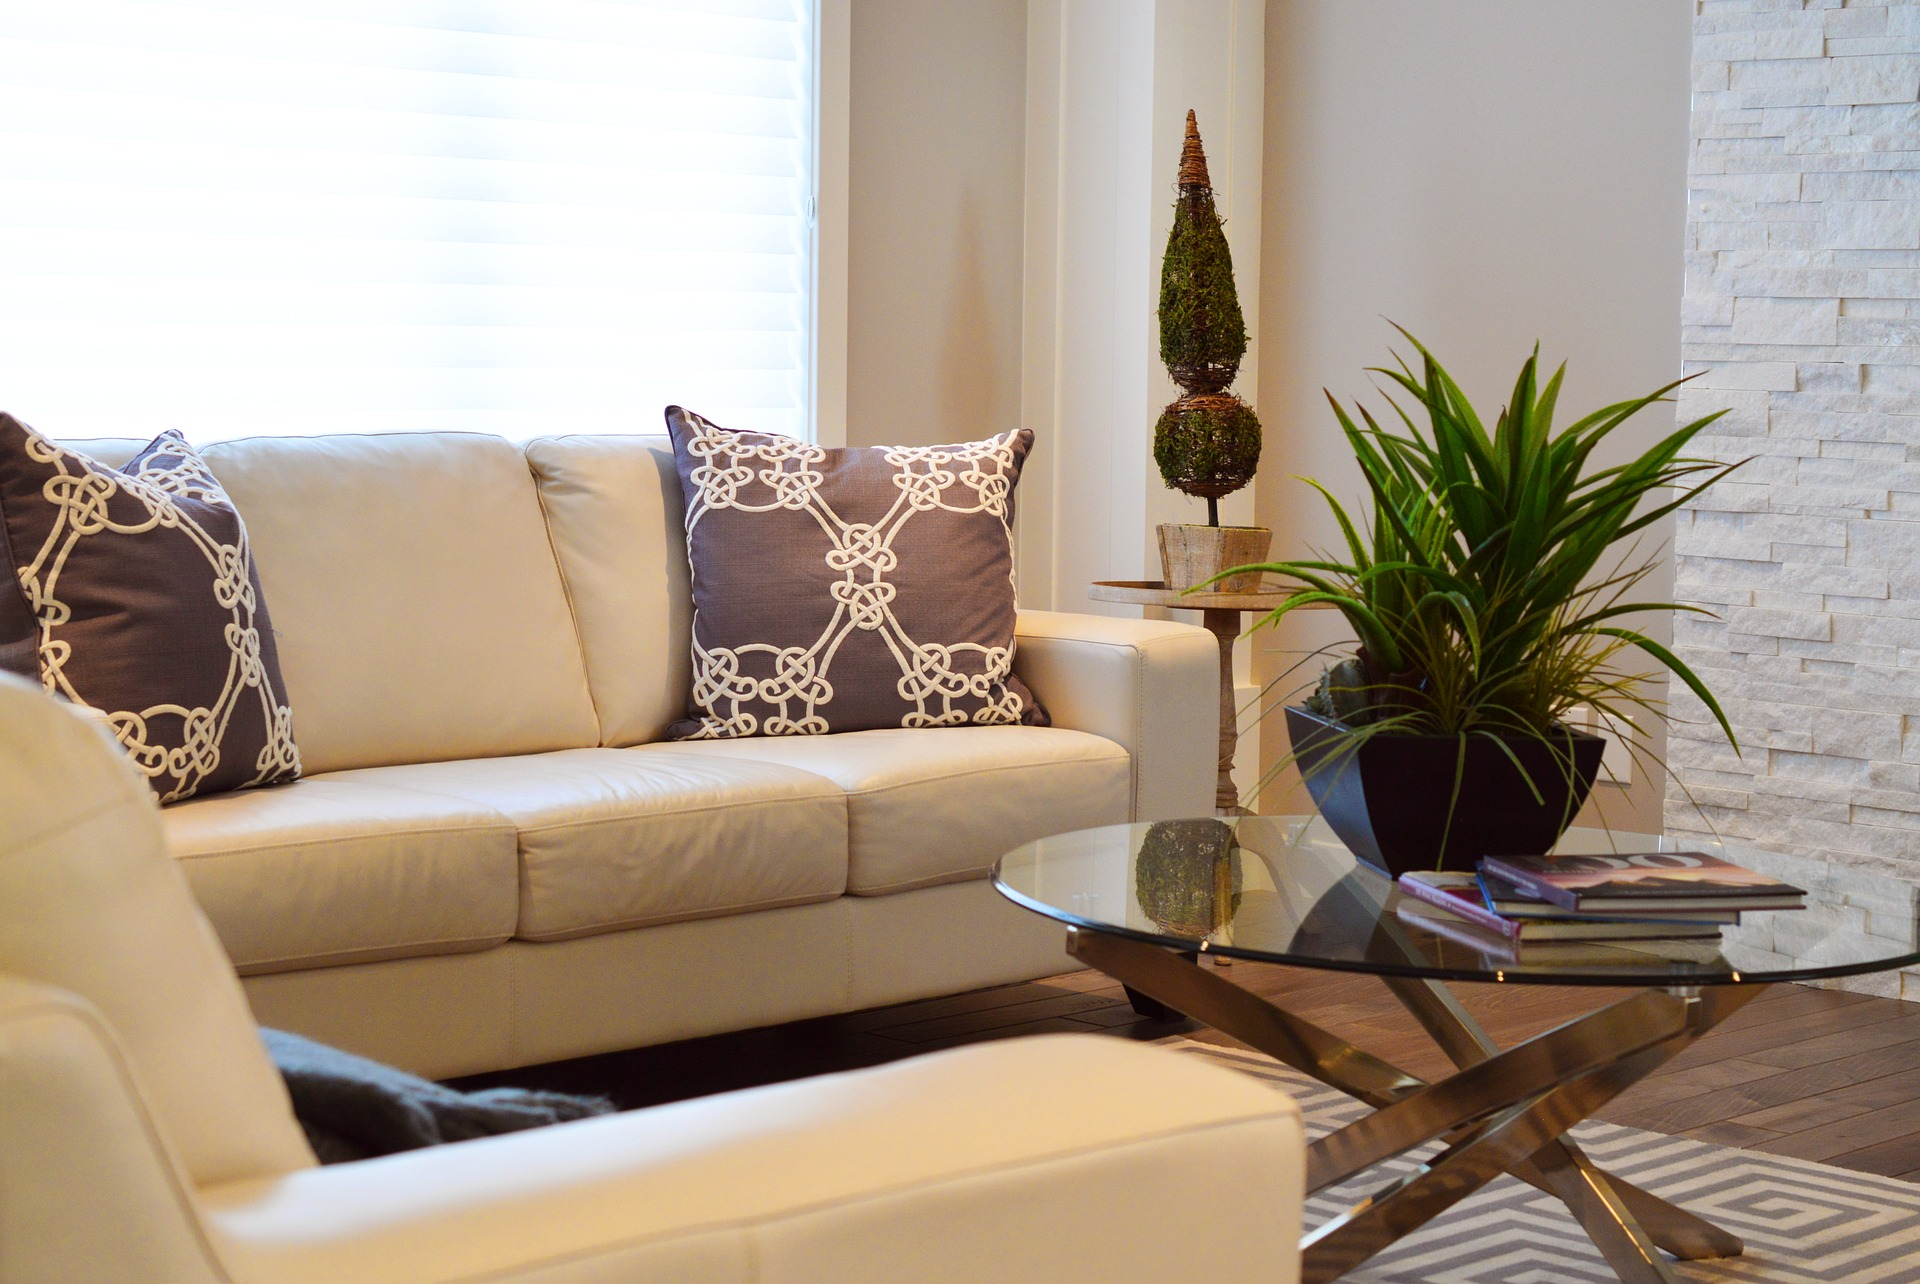 Come pulire il divano in pelle bianca con un ingrediente naturale - Pulire divano in pelle ...